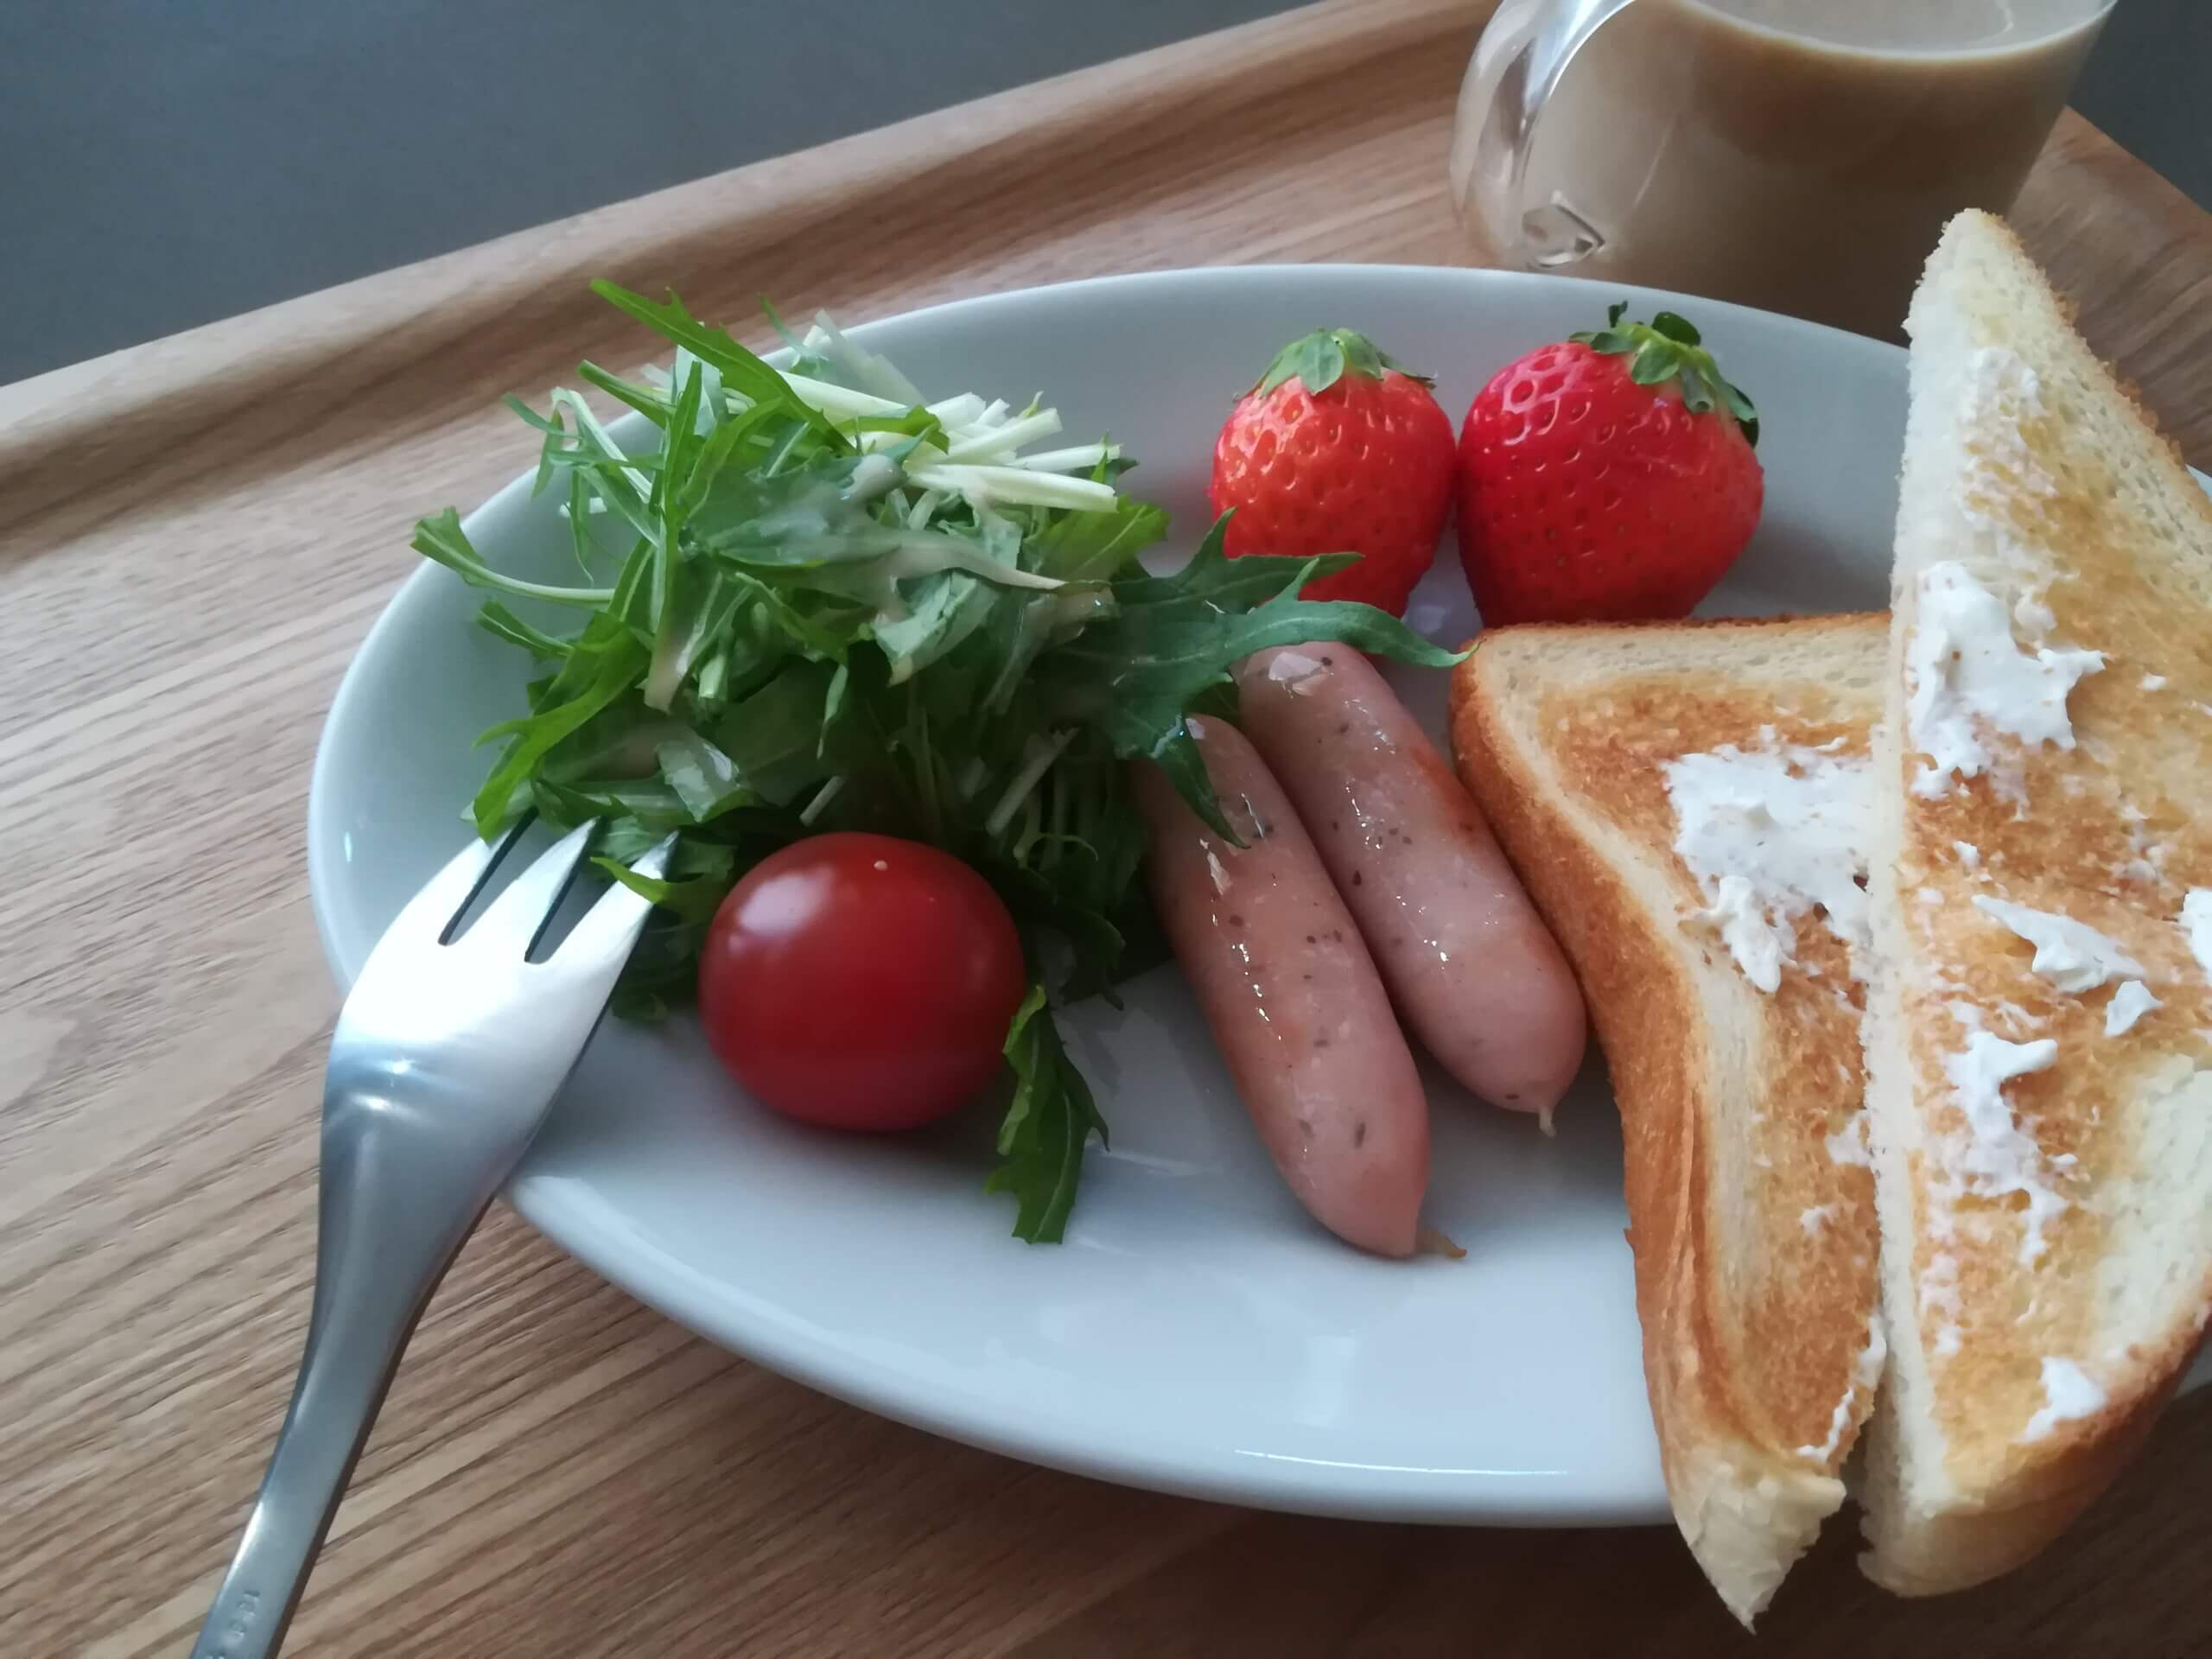 クリームチーズトースト/イカと里芋の煮物二日目/パンとスープとネコ日和